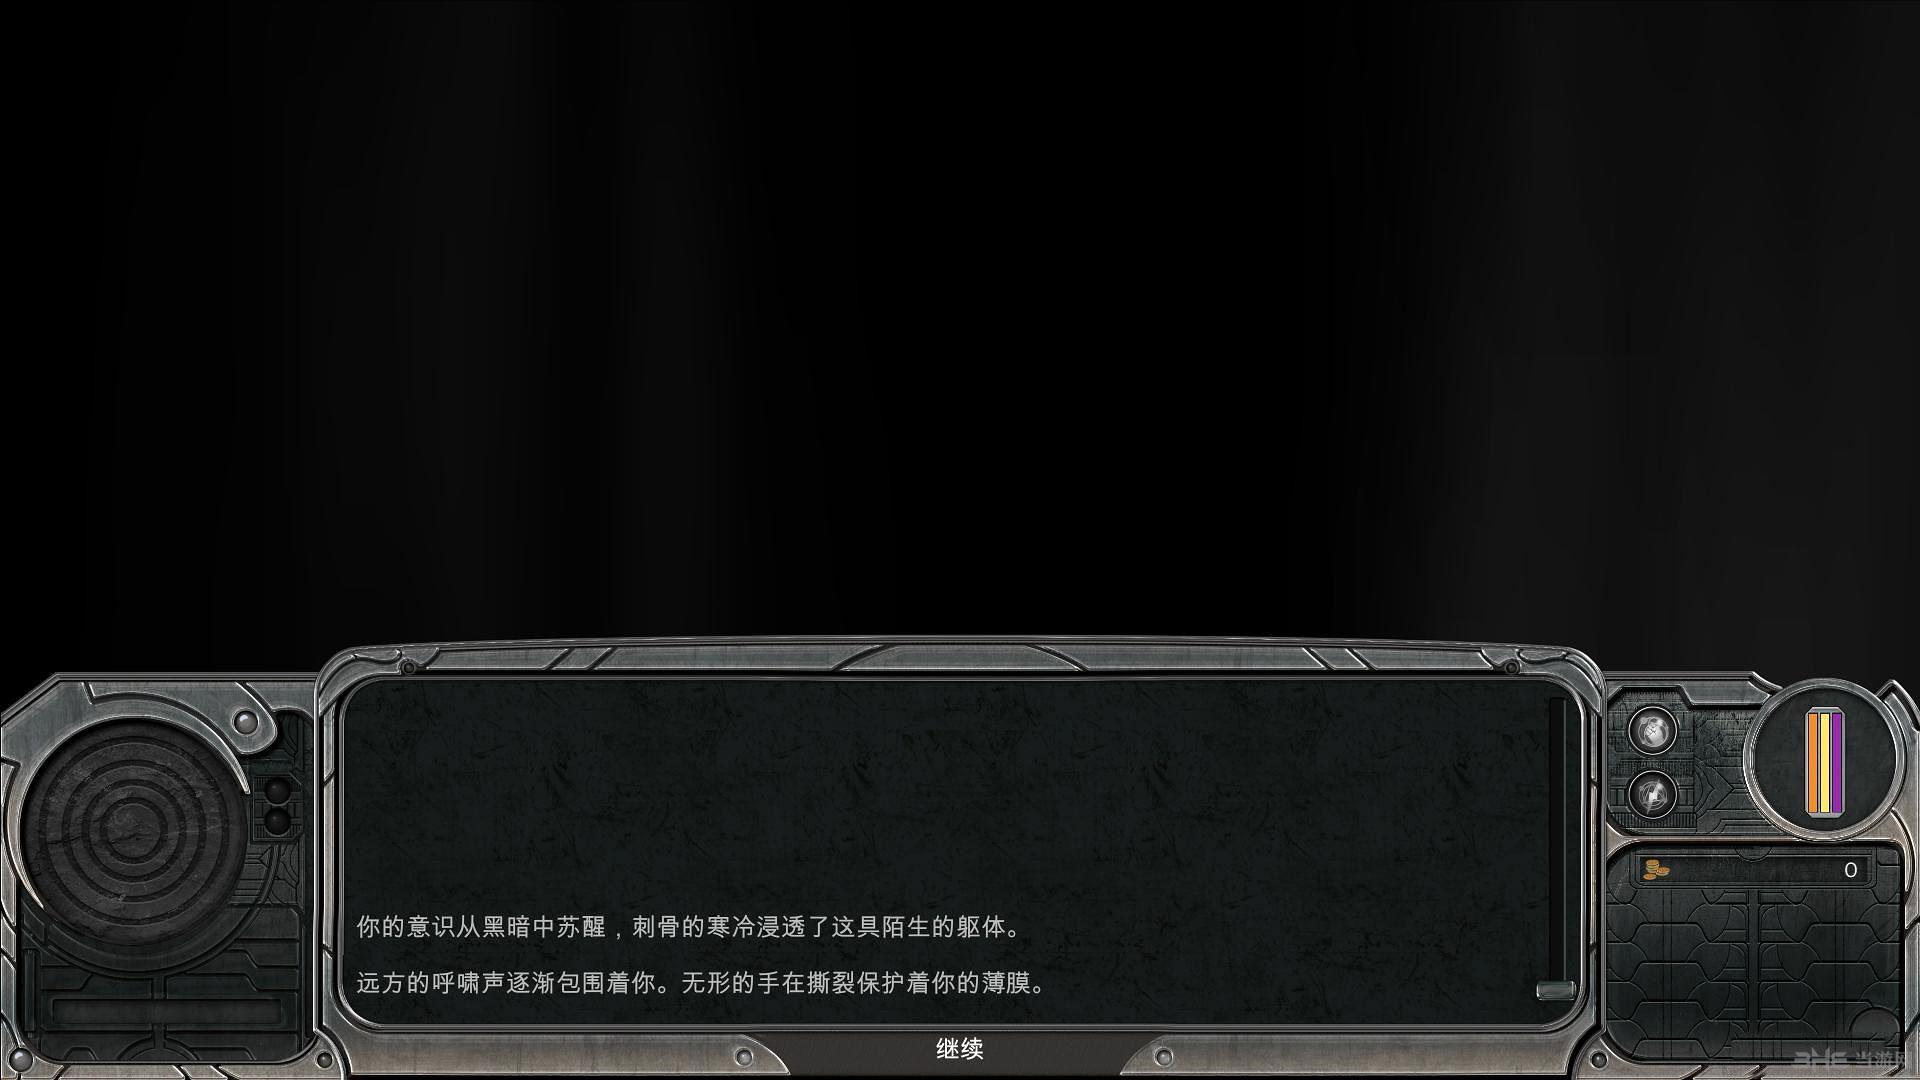 折磨:扭蒙拉之潮简体中文汉化补丁截图2